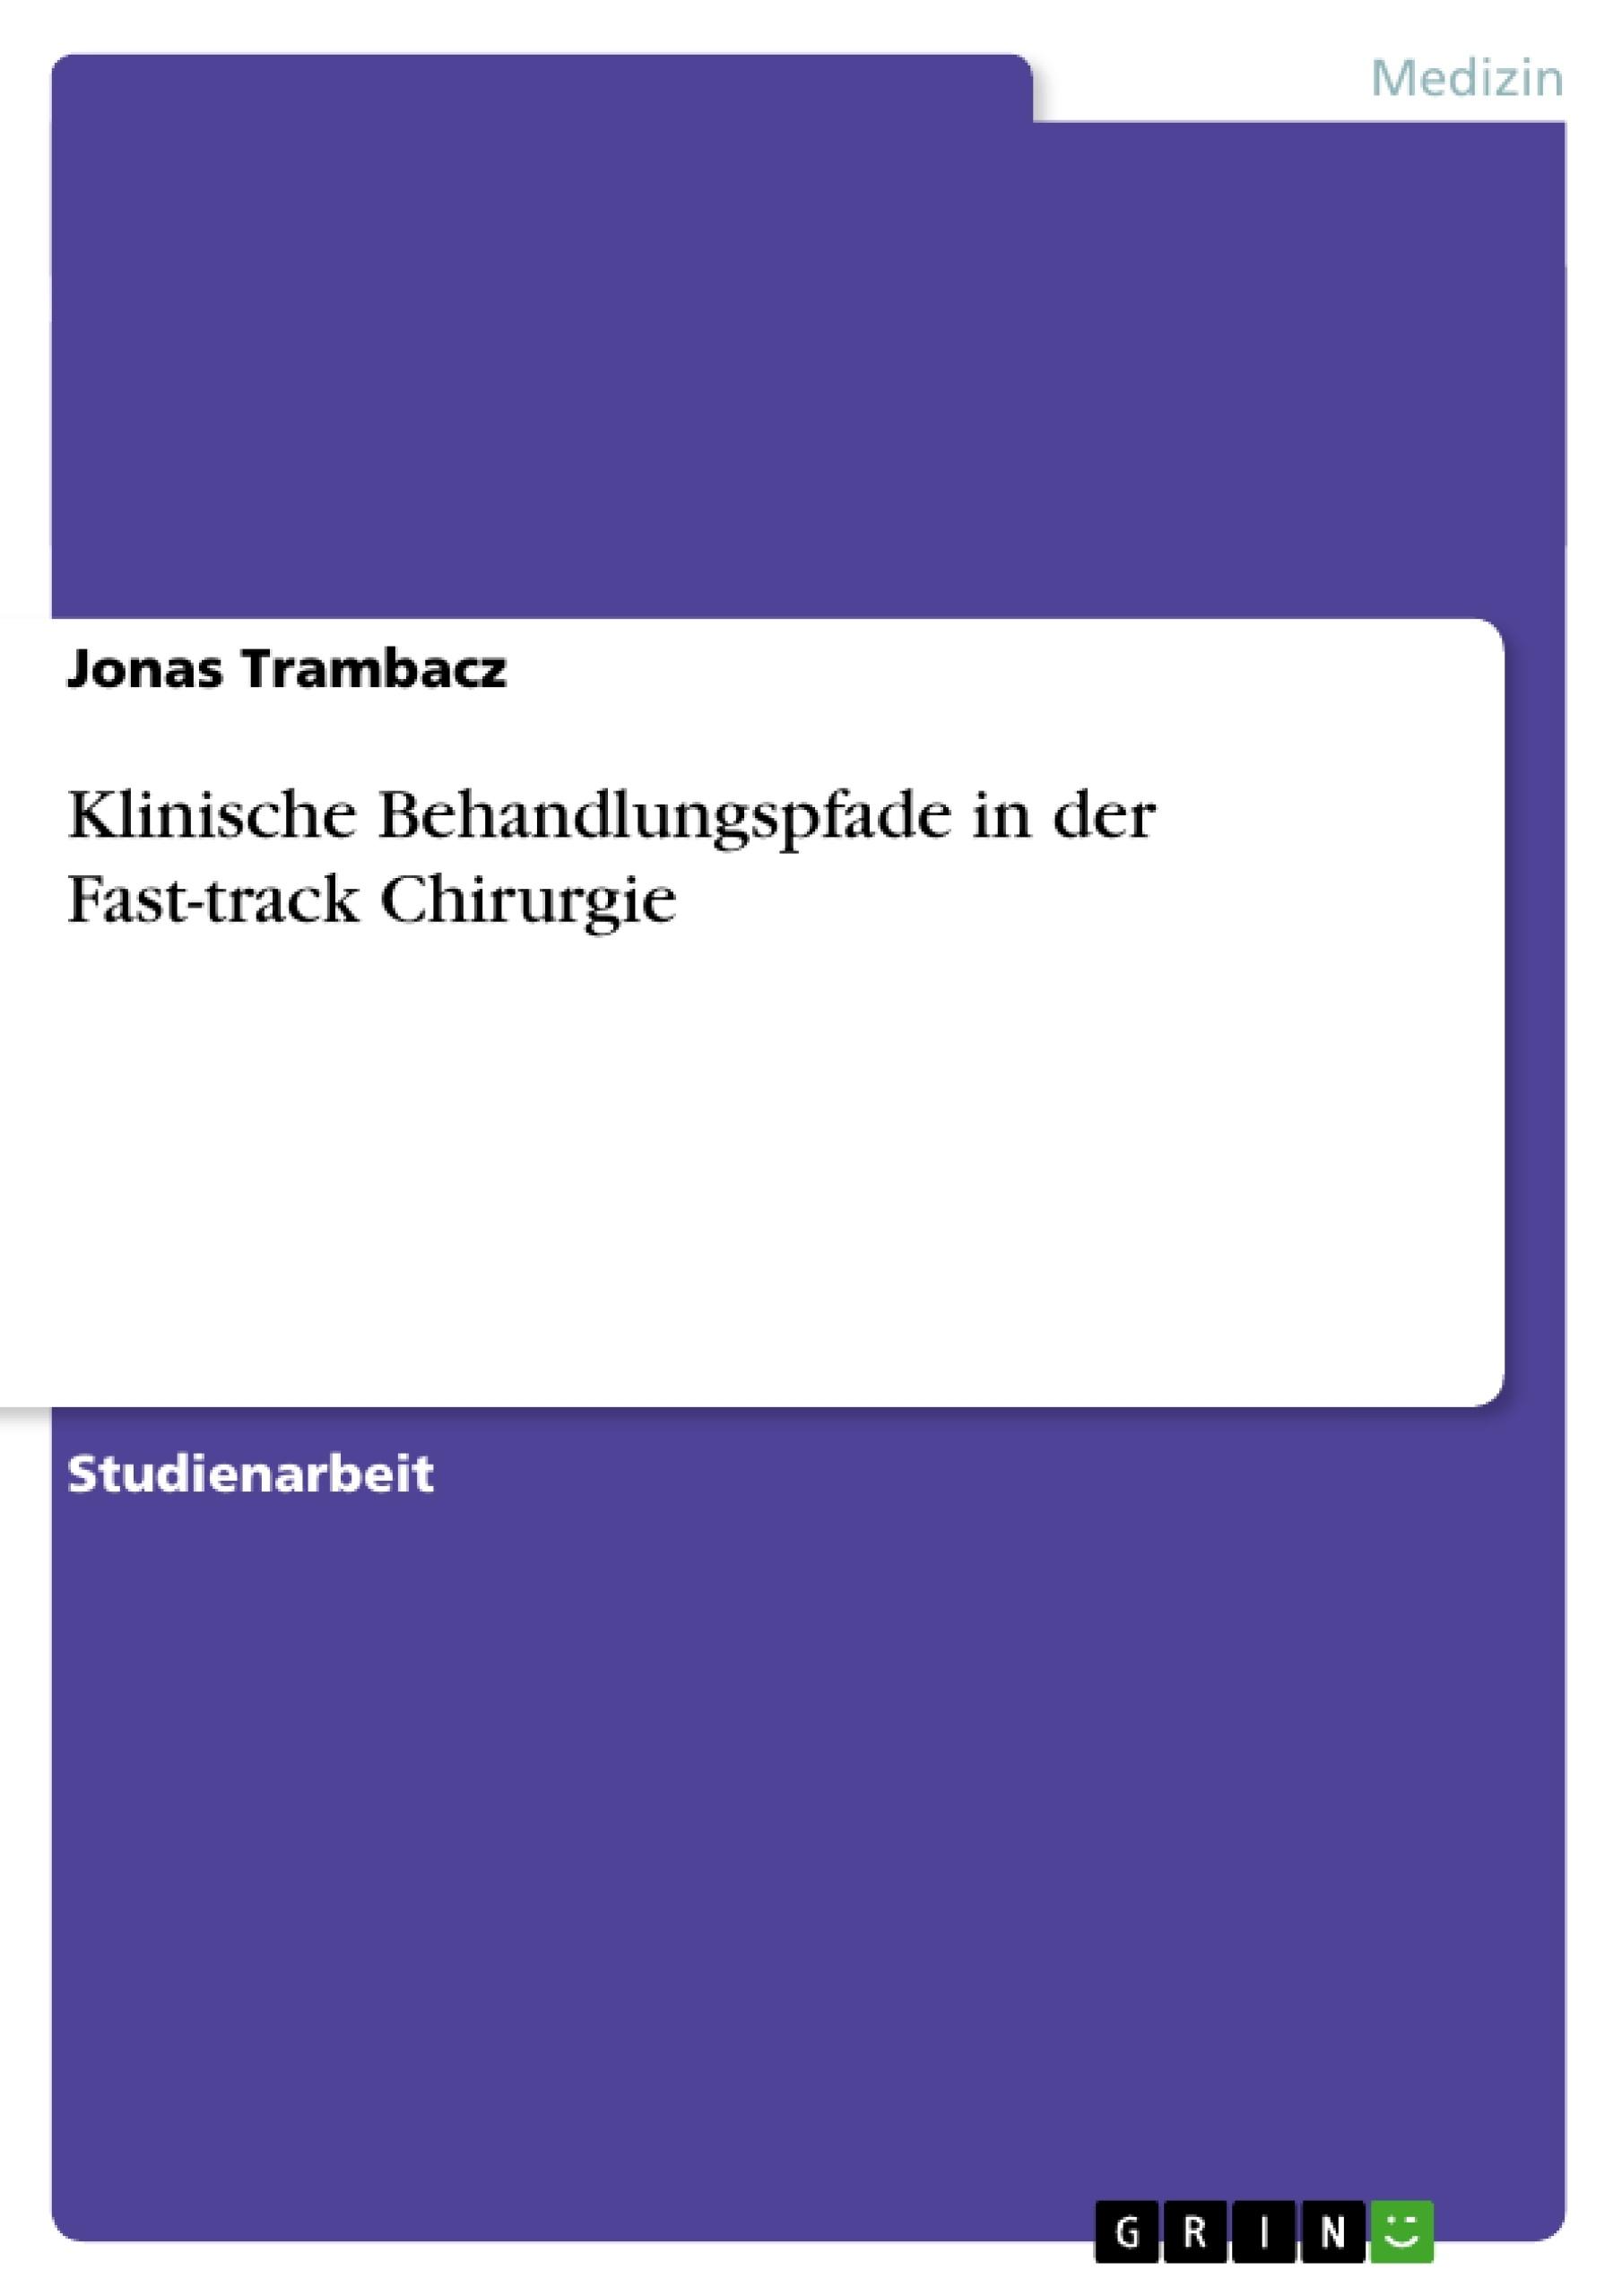 Titel: Klinische Behandlungspfade in der Fast-track Chirurgie